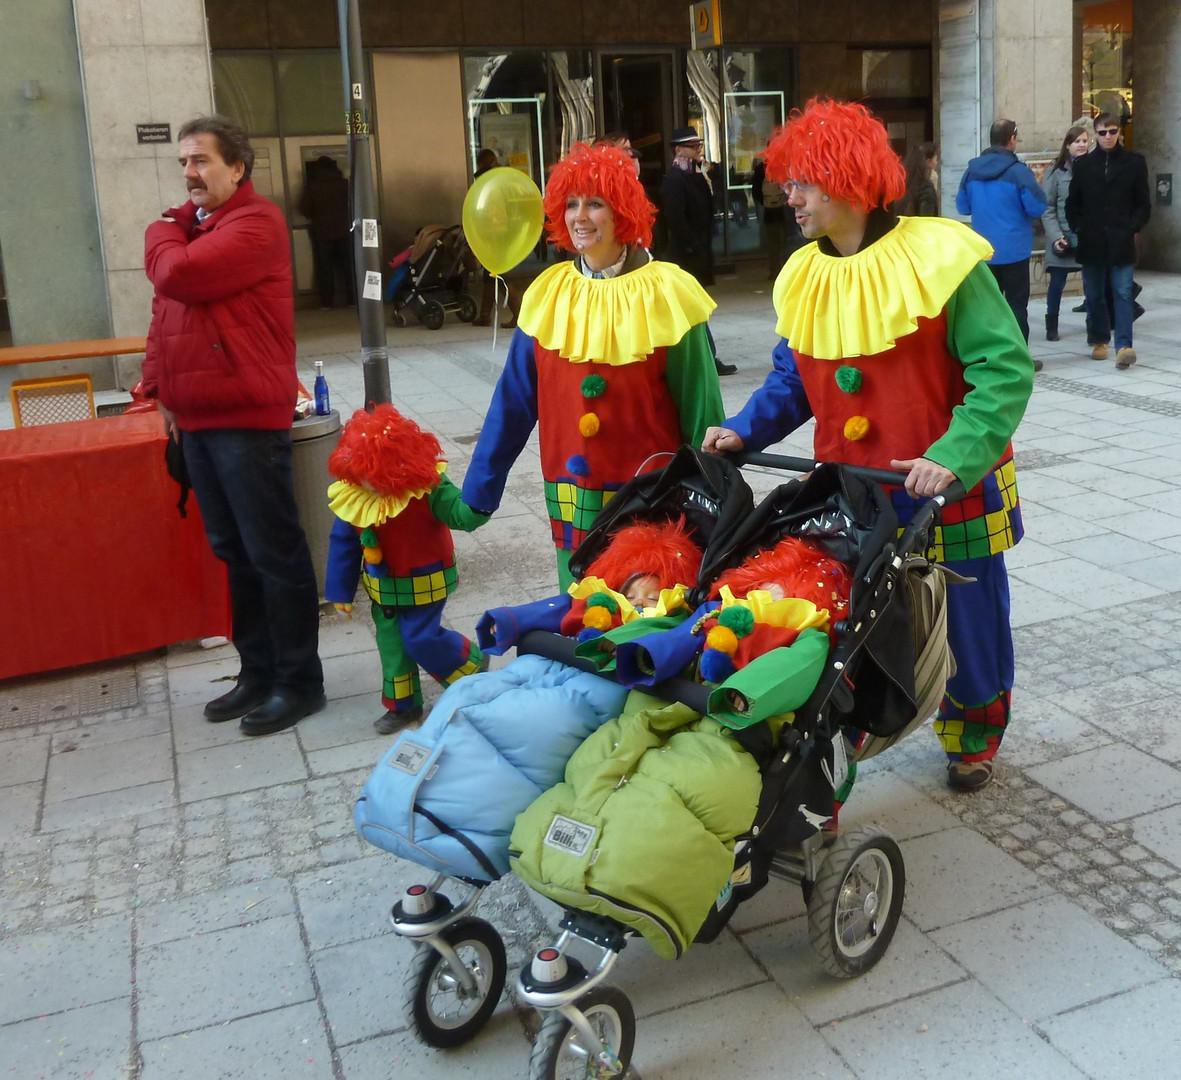 Clowns family